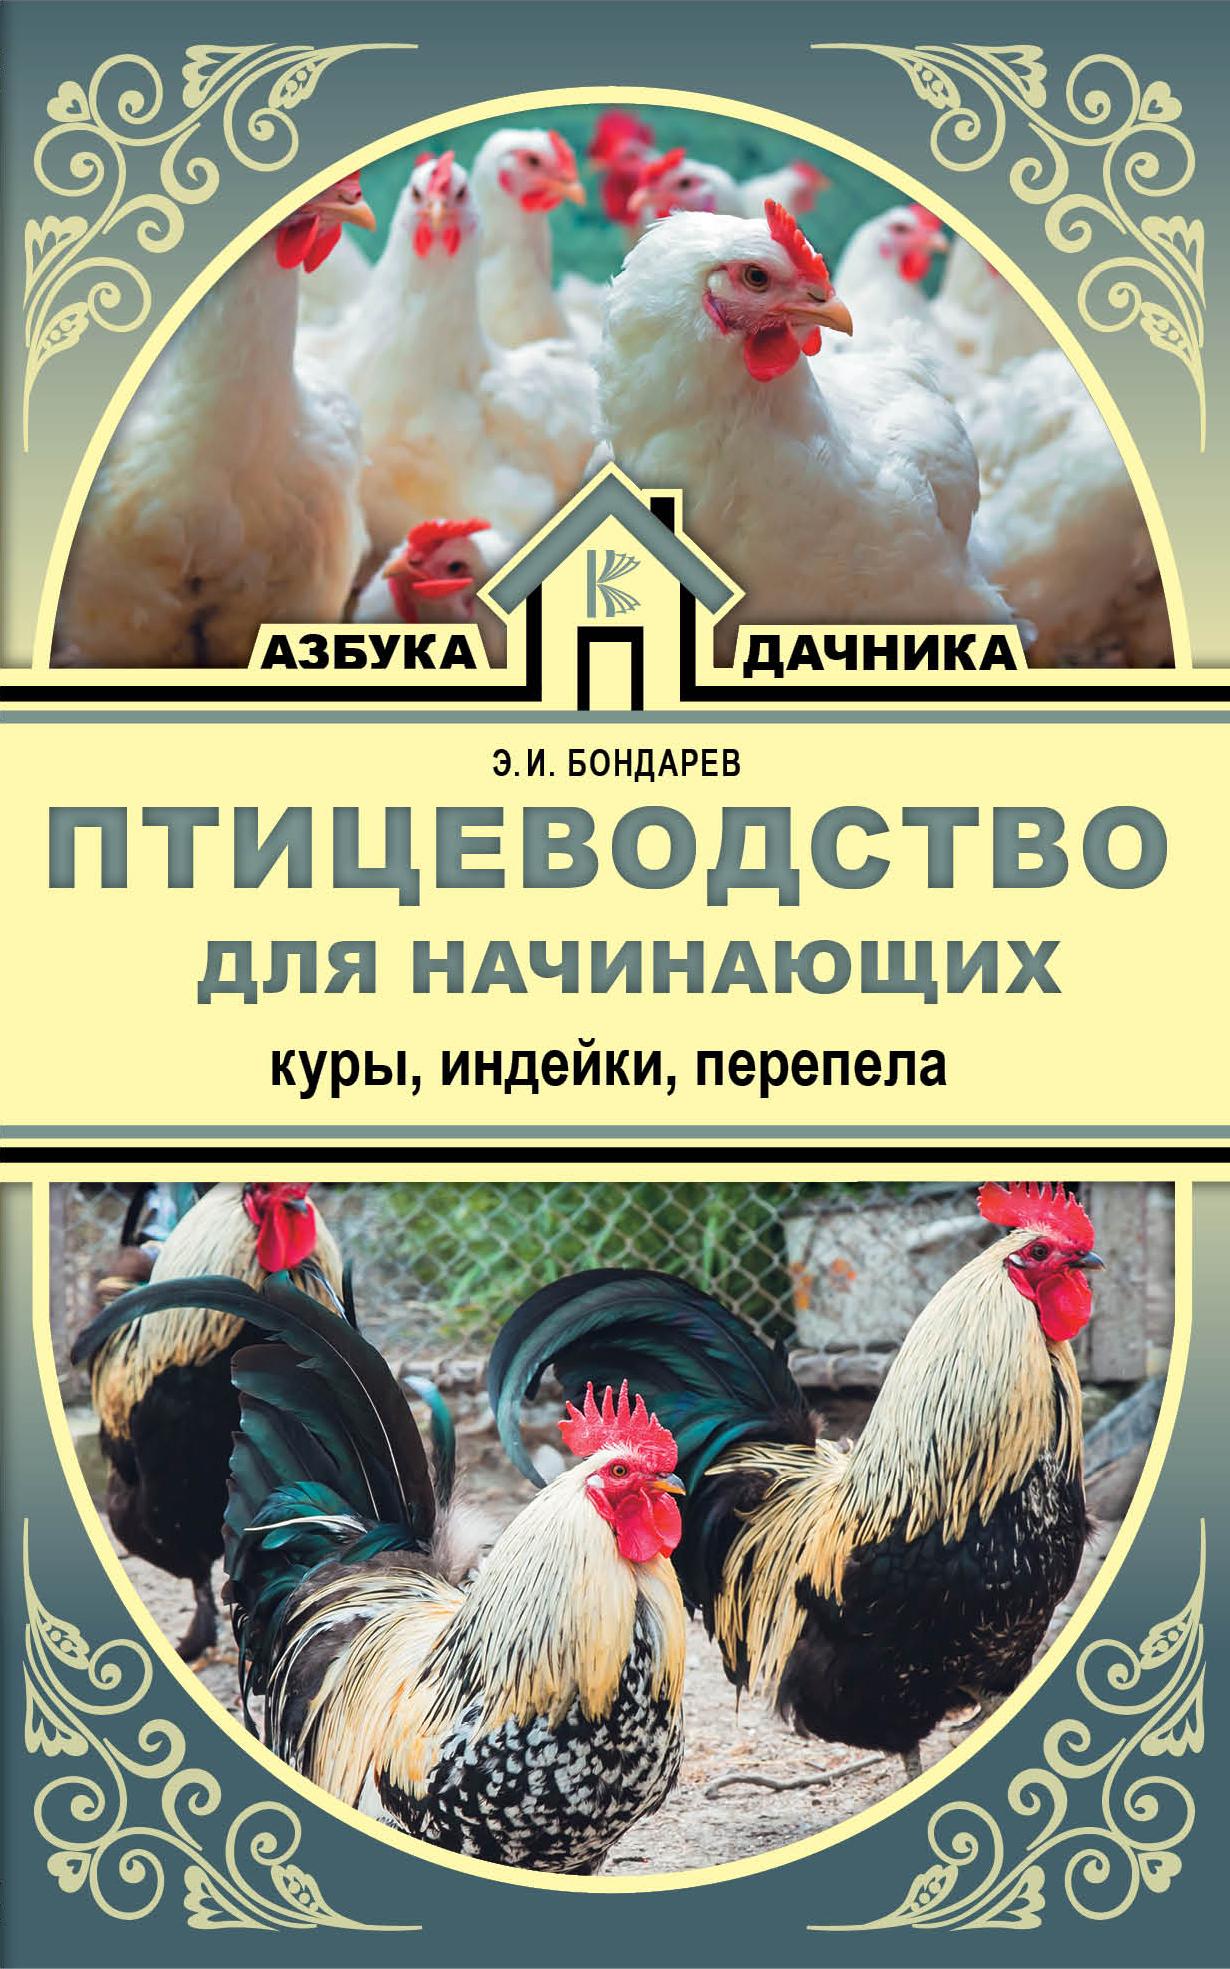 Э. И. Бондарев Птицеводство для начинающих. Куры, индейки, перепела